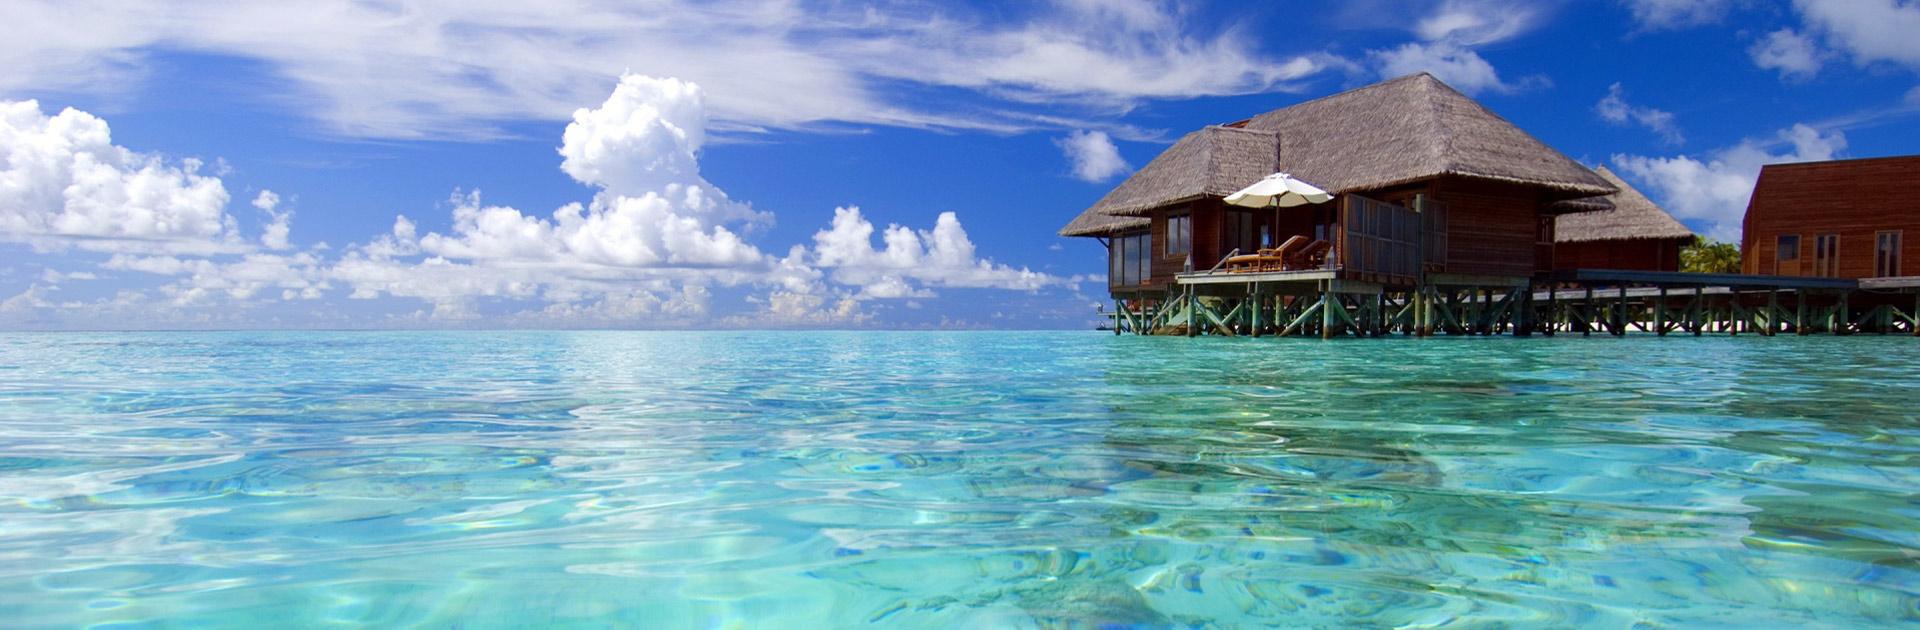 Japón Eterno y Maldivas 15 días 3